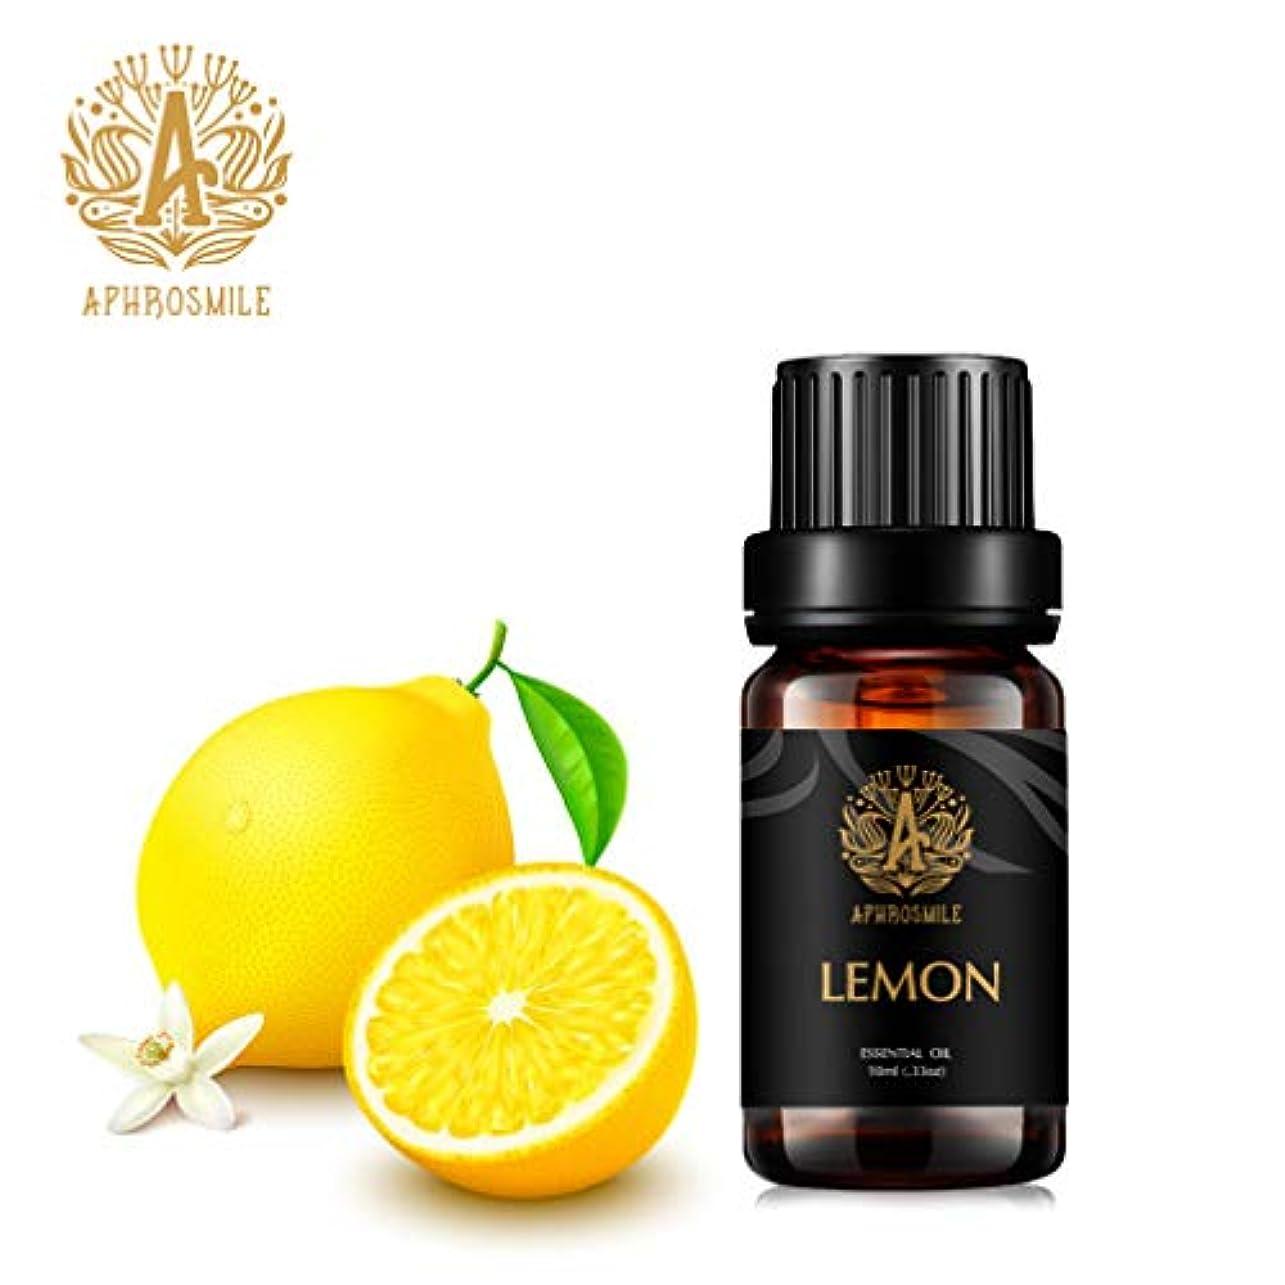 竜巻プレミア来てレモン精油、100%純粋なアロマセラピーエッセンシャルオイルレモンの香り、クレンジングとし、空気を浄化します、治療用グレードエッセンシャルオイルレモンの香り為にディフューザー、マッサージ、加湿器、デイリーケア、0.33オンス...